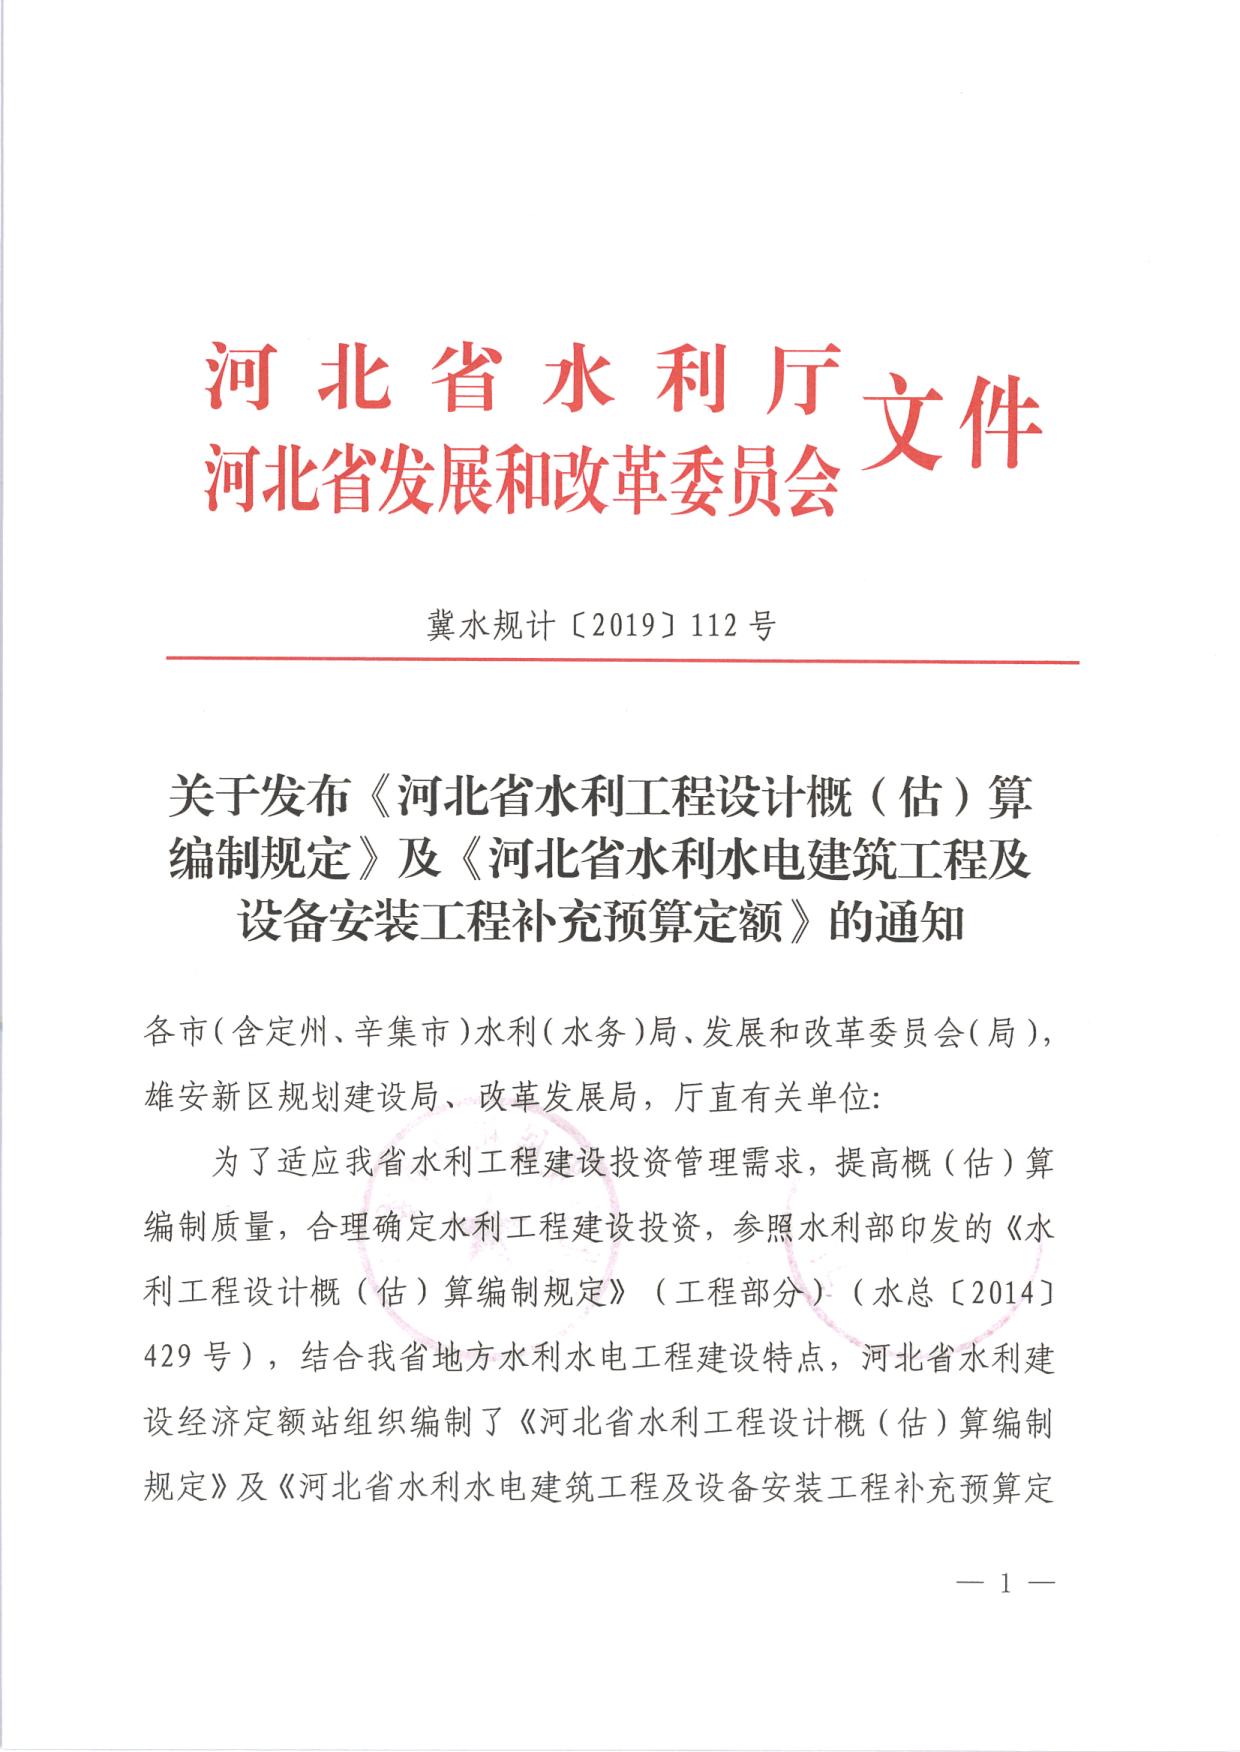 冀水规计[2019]112号1_1.png